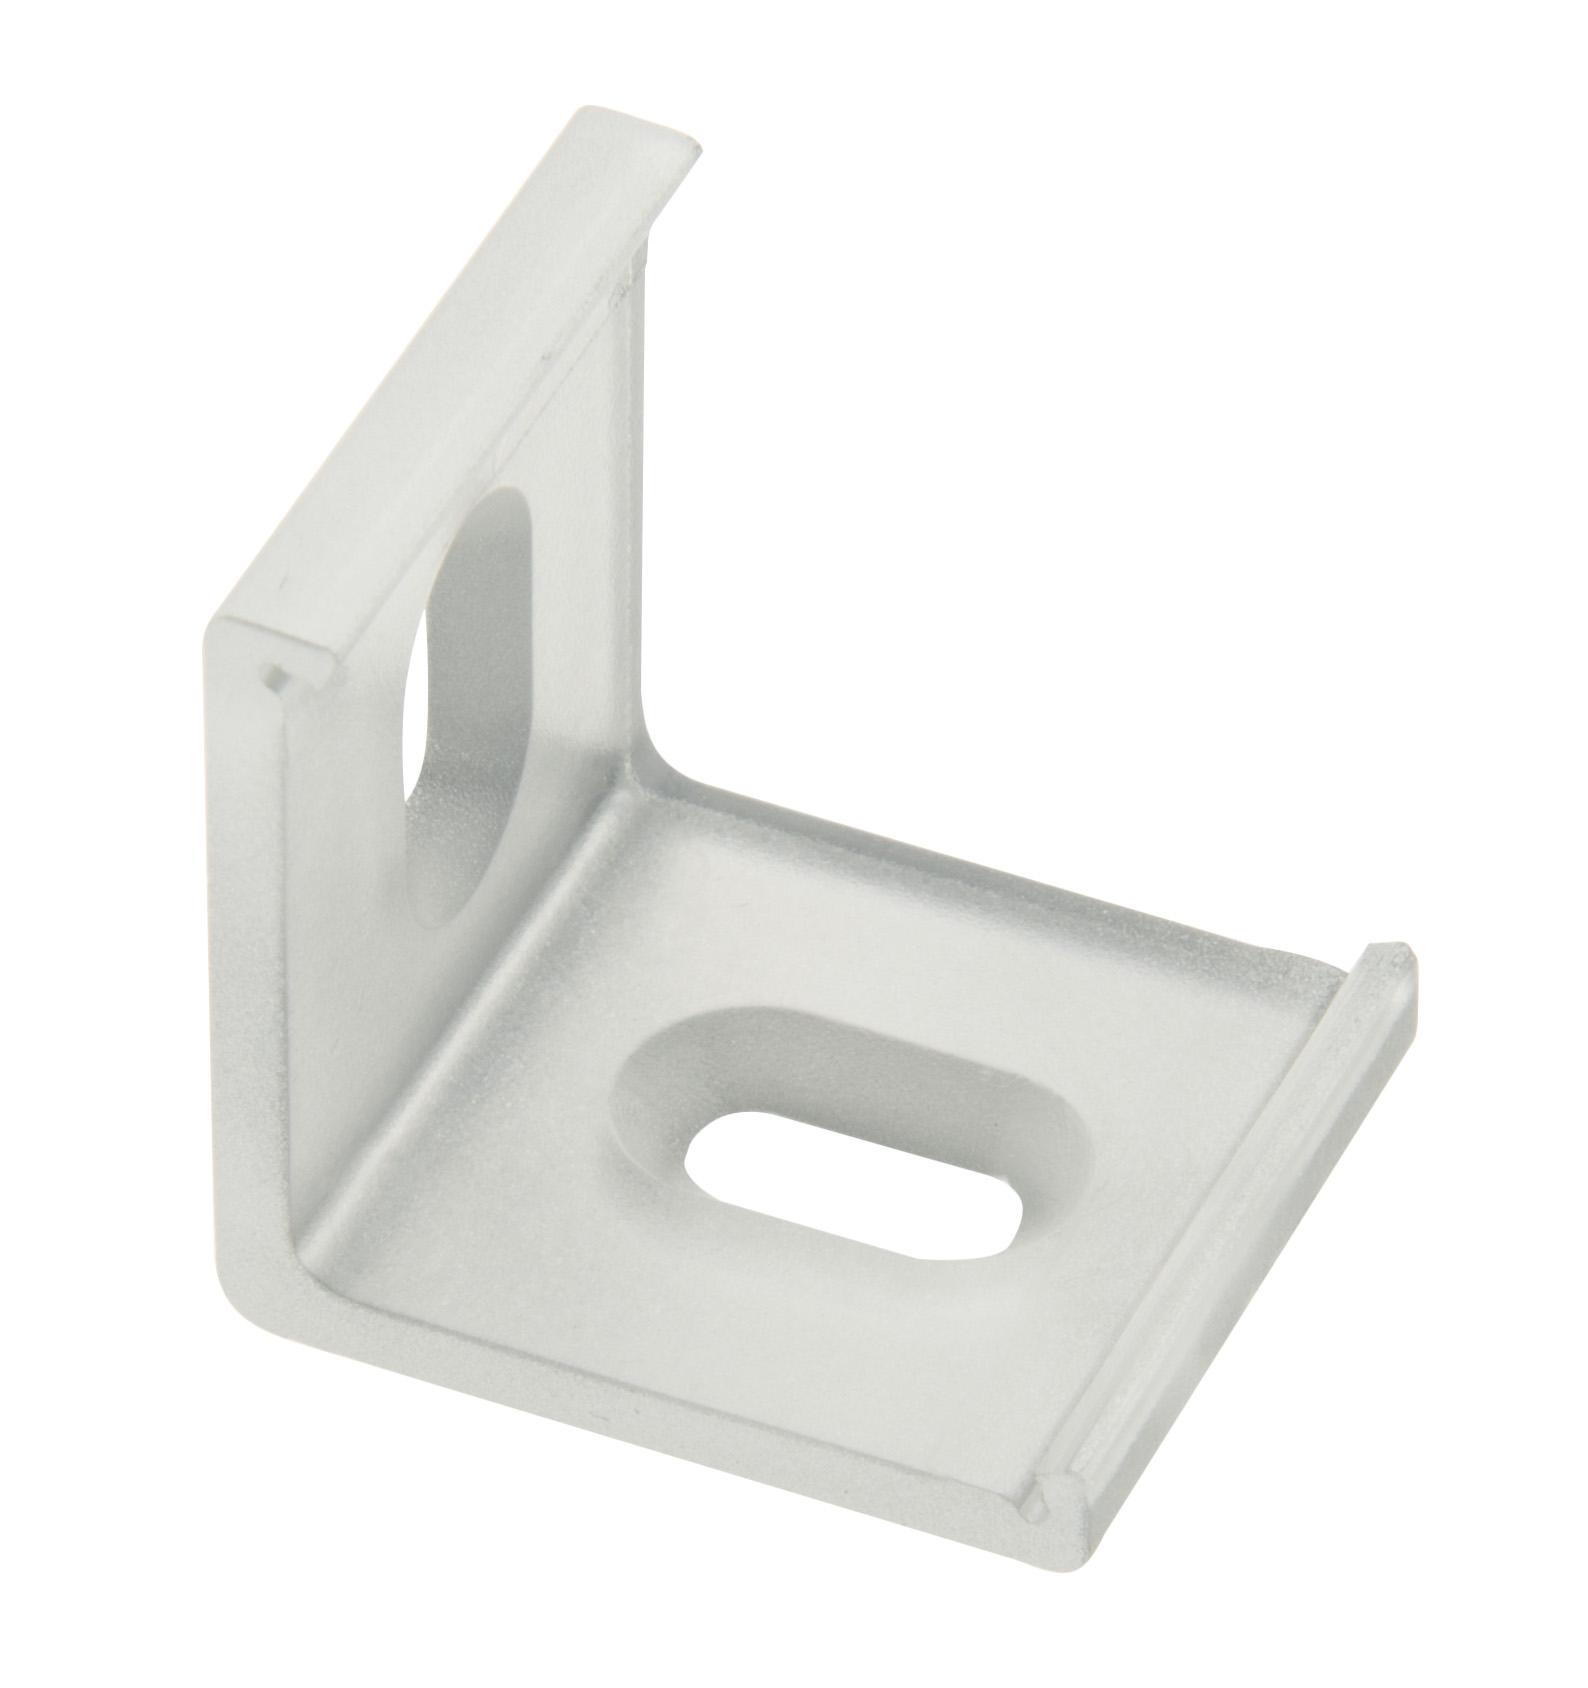 1 Stk LBE Montage Clip LIPZ005003